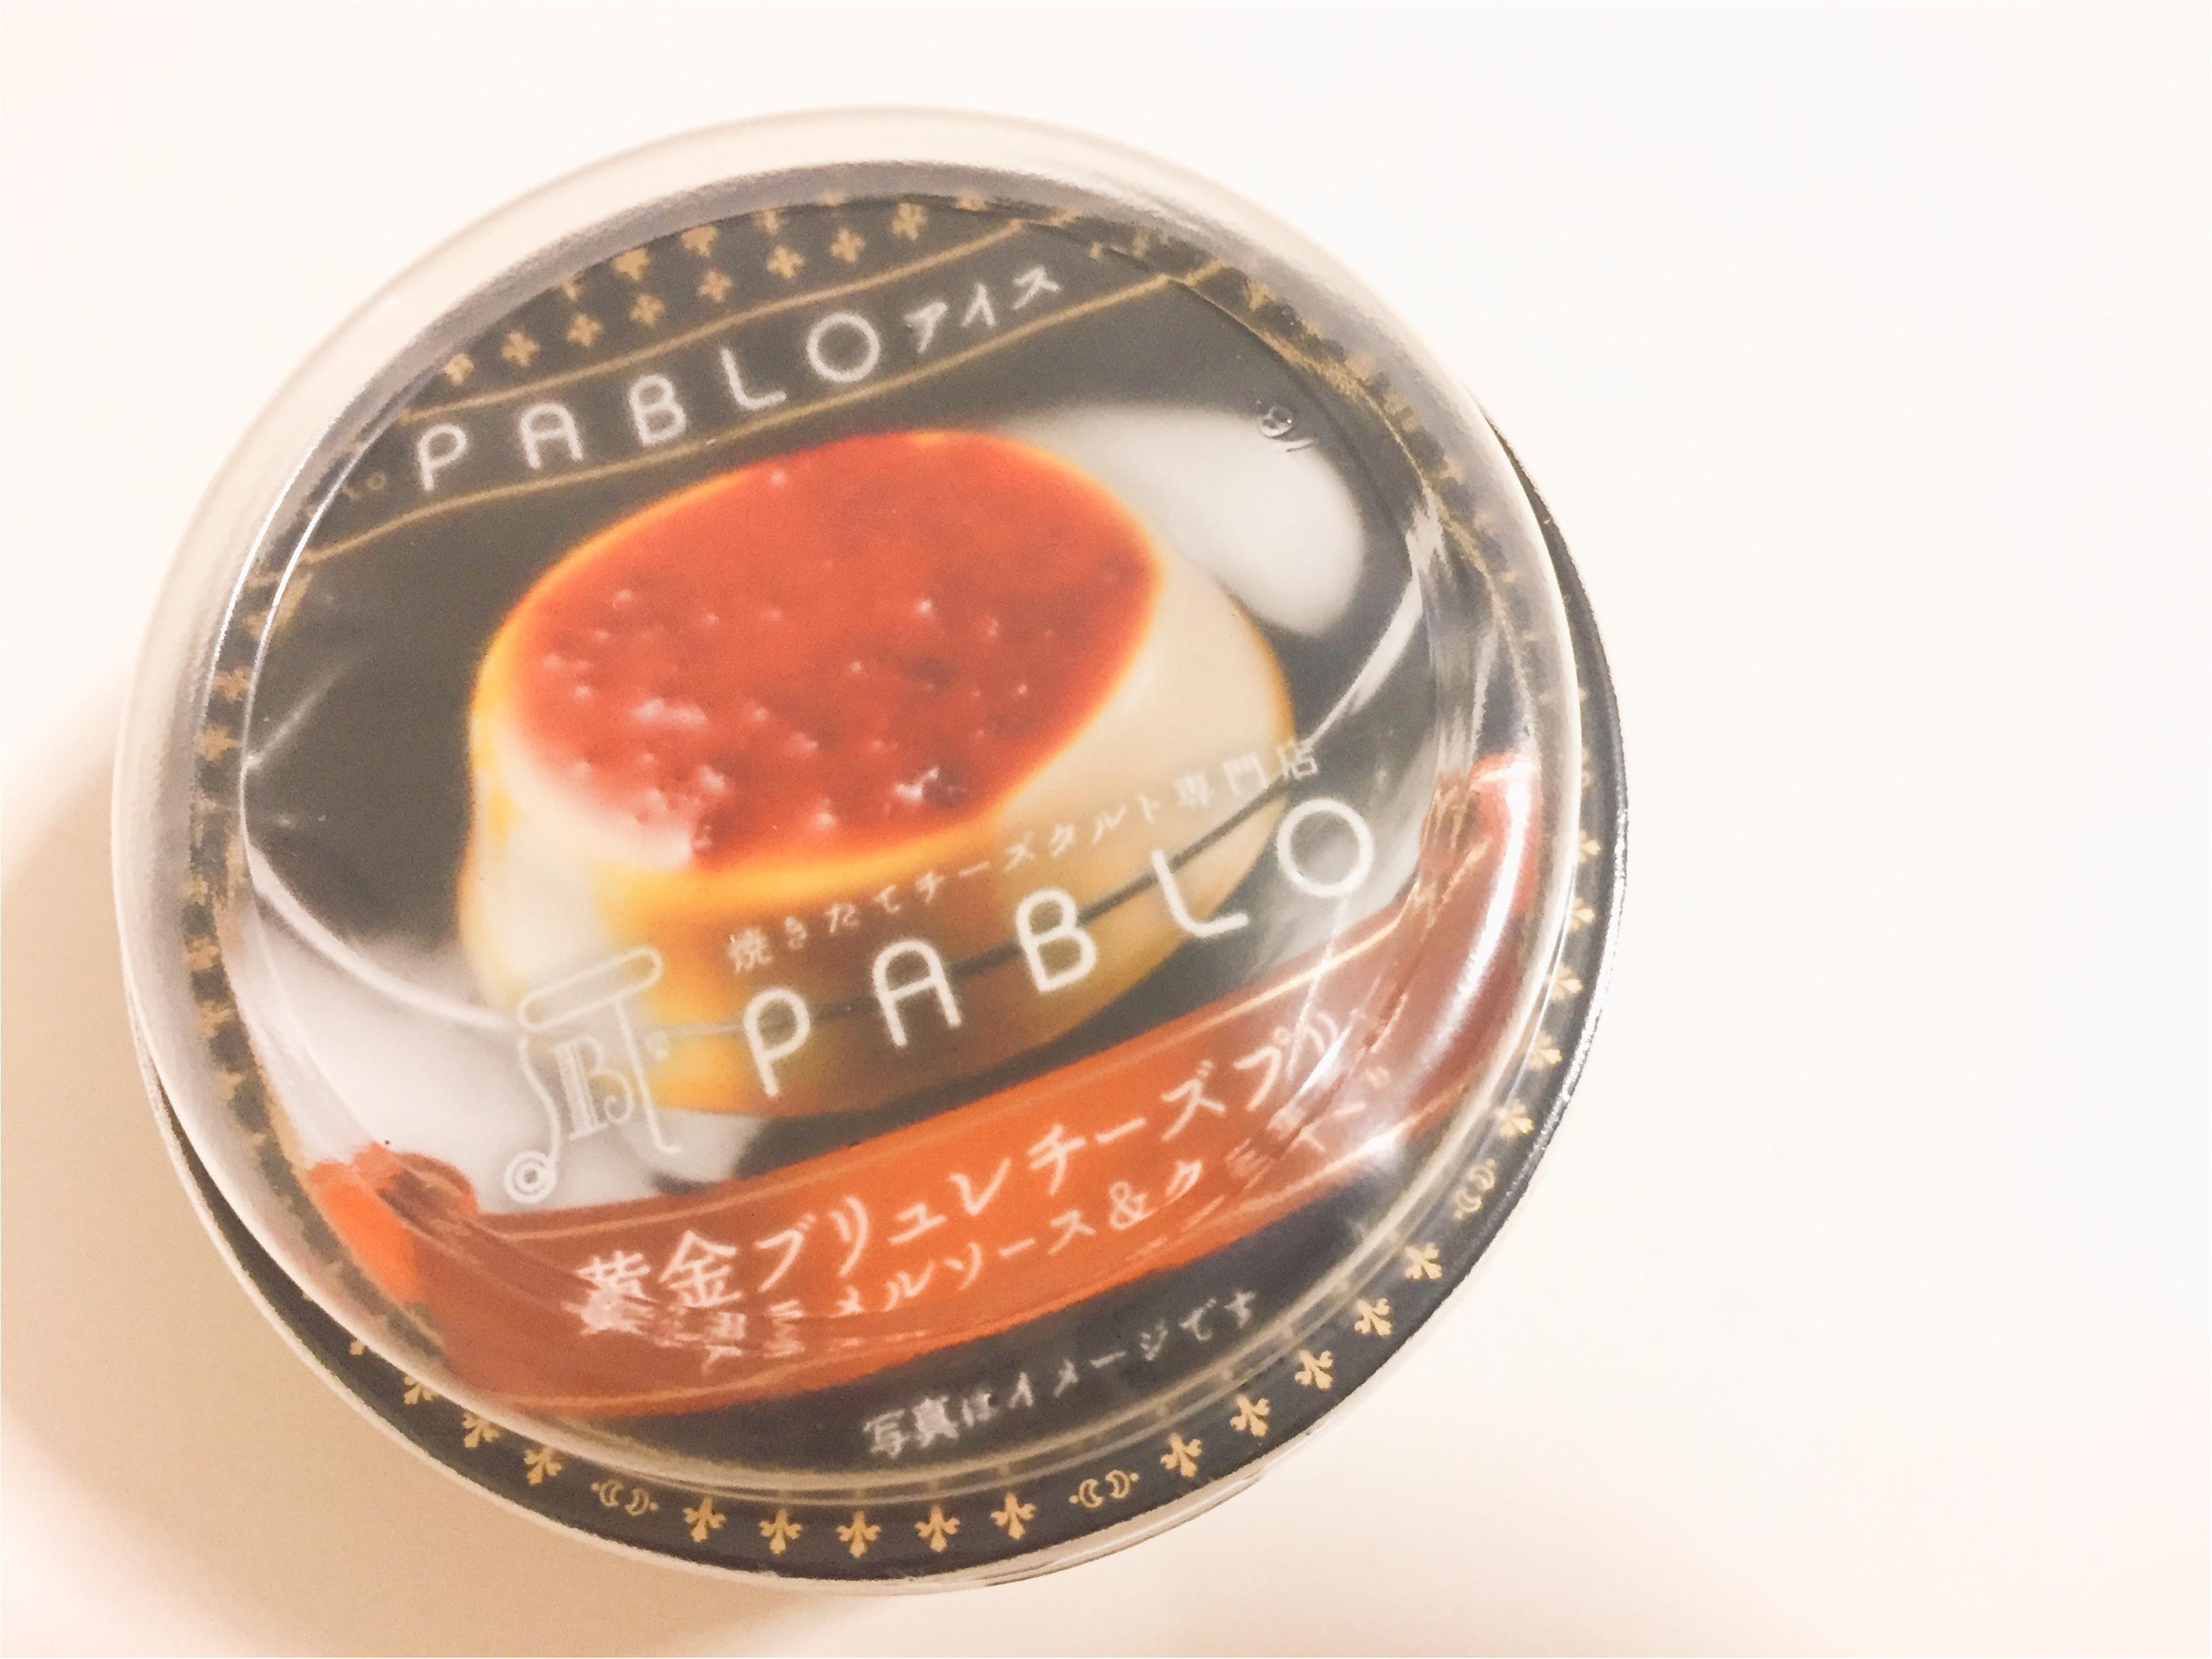 【新発売】シリーズ第7弾は…『PABLOアイス 黄金ブリュレチーズプリン 』_1